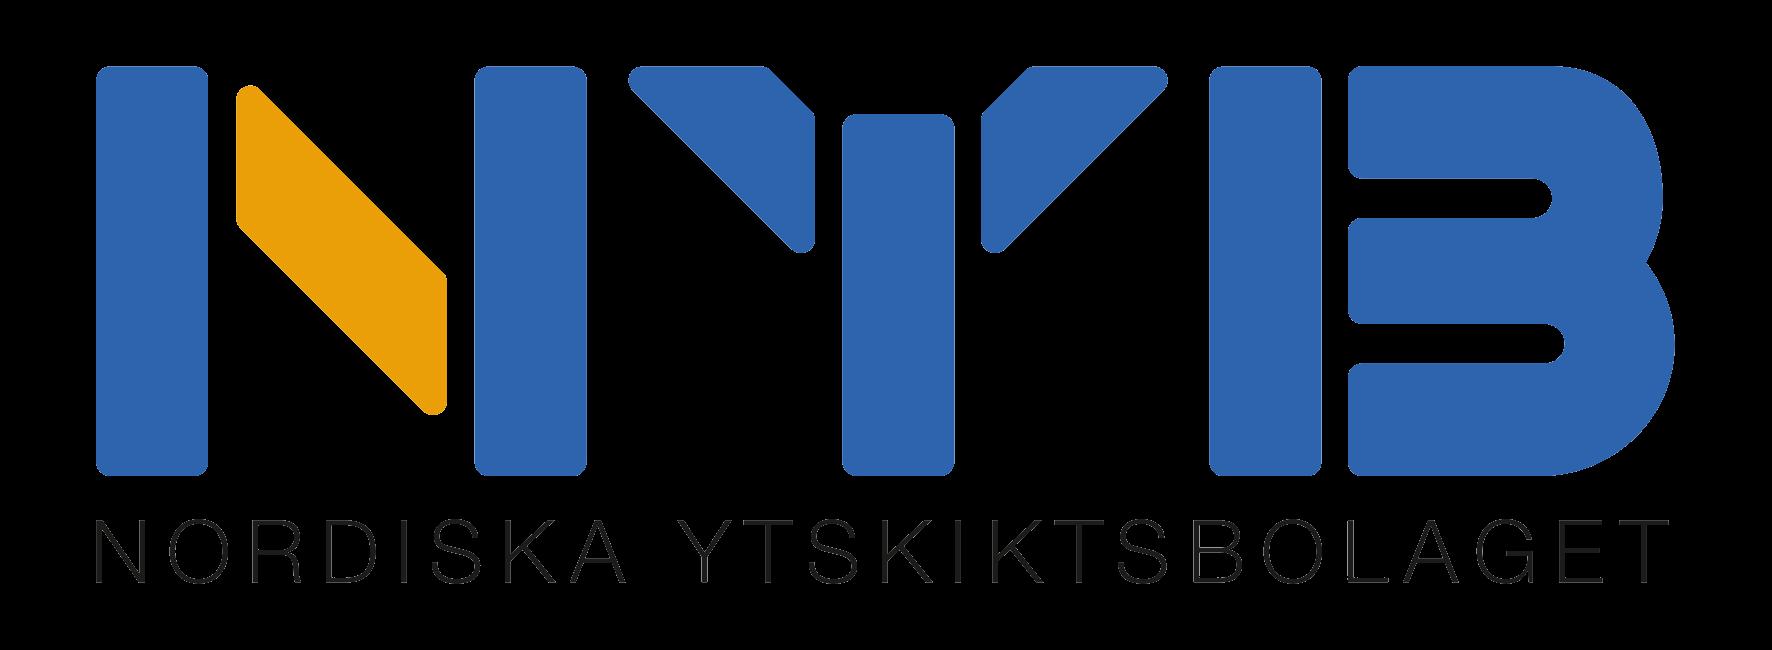 Nordiska Ytskiktsbolaget